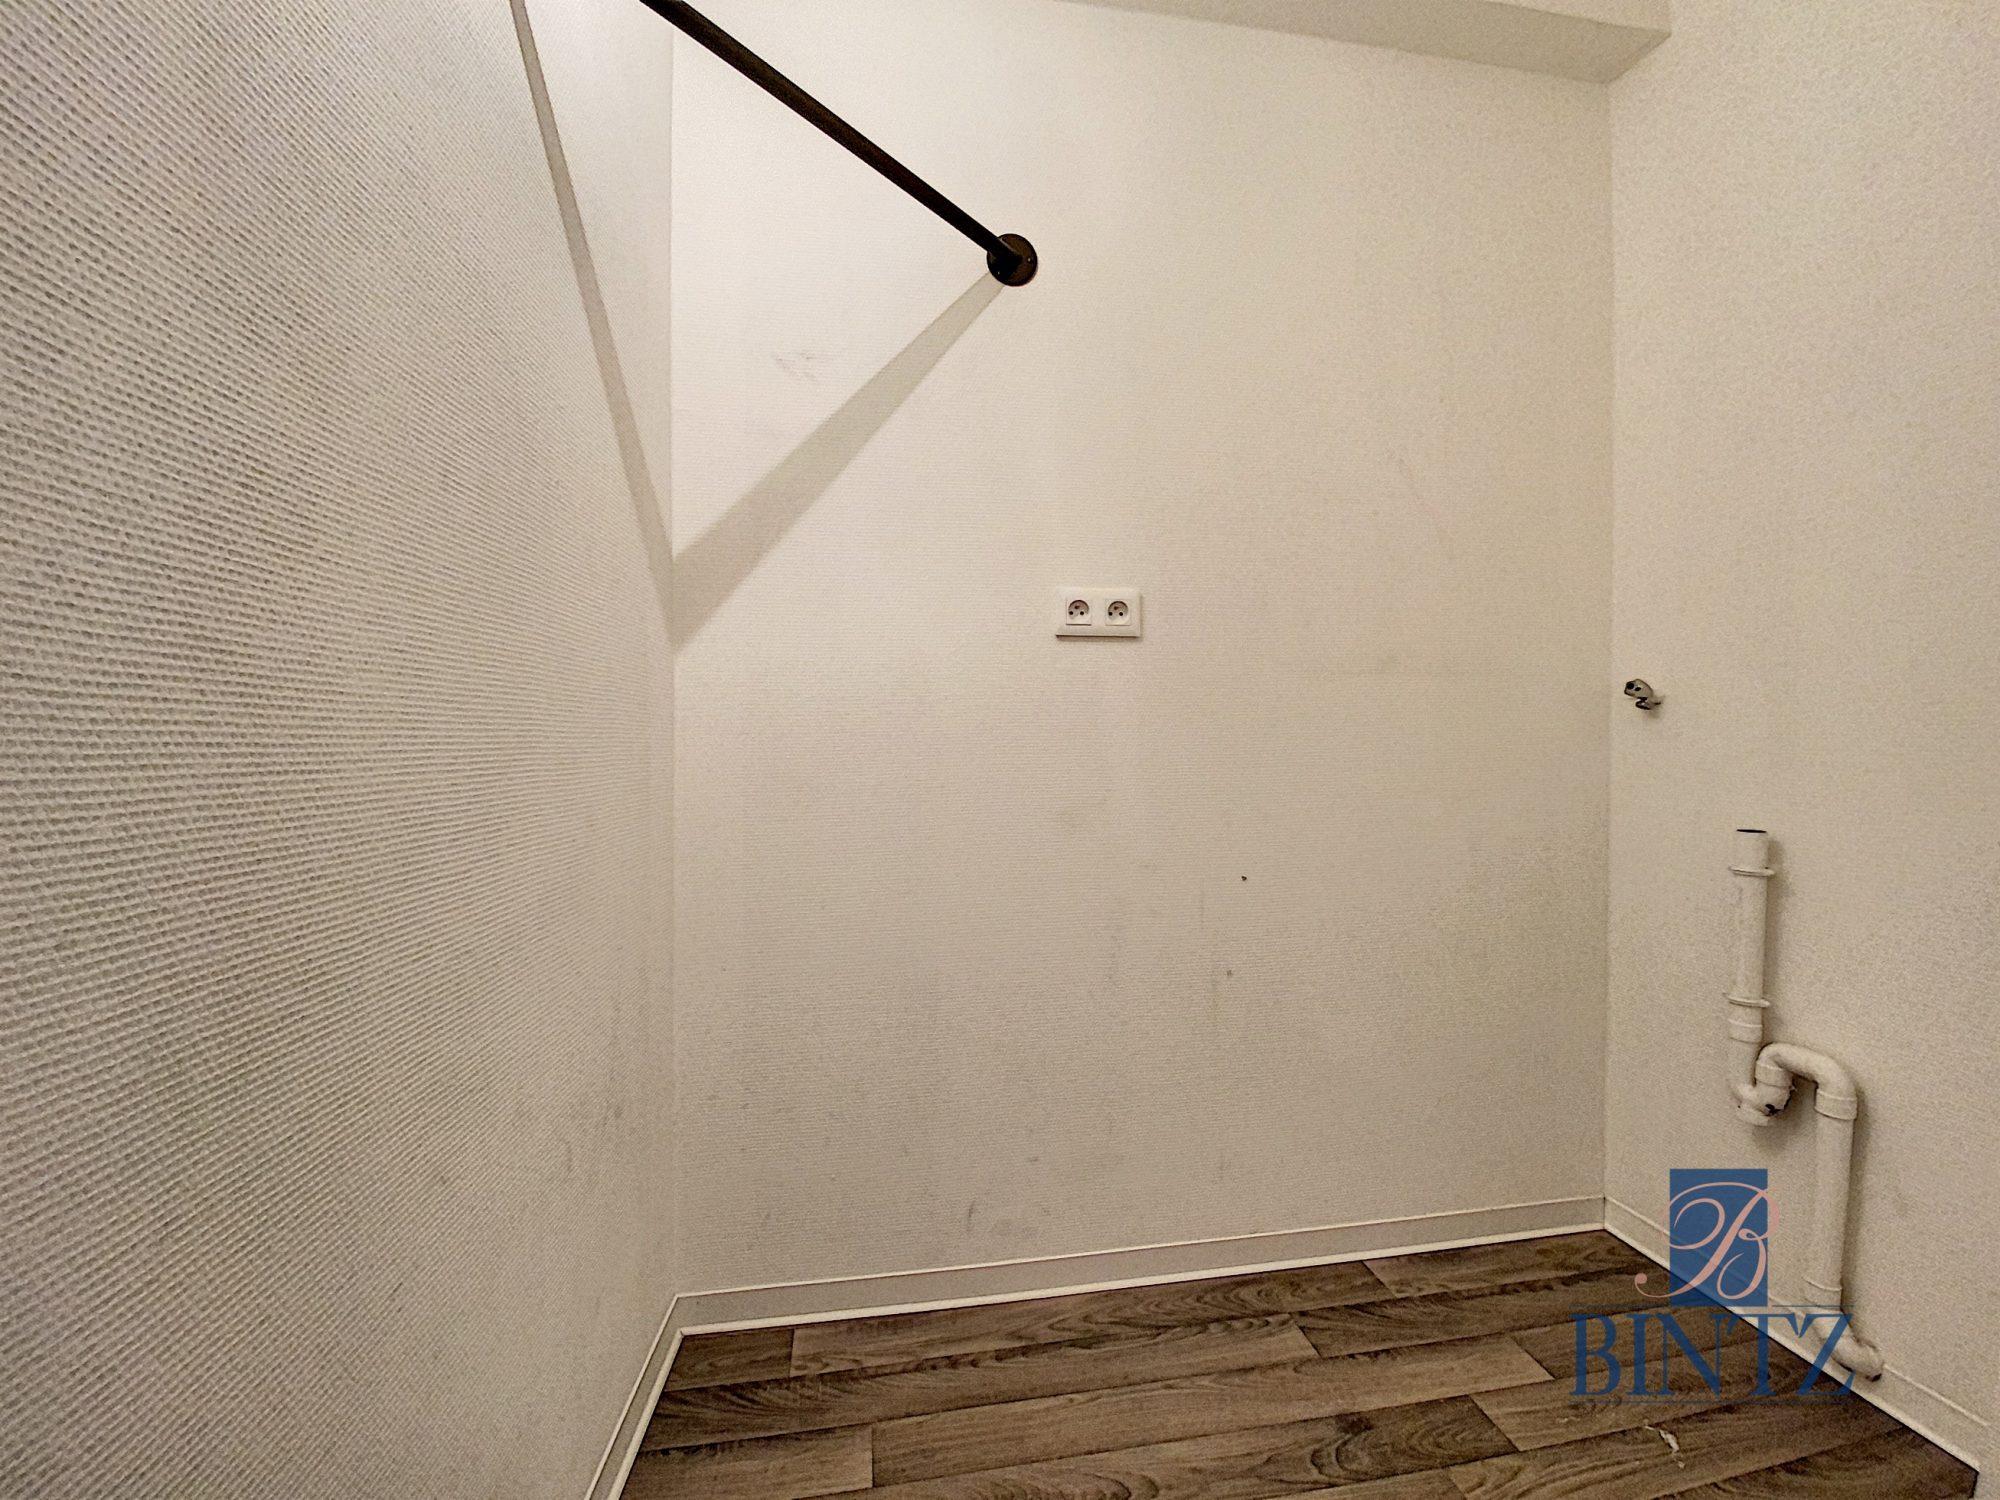 3 PIÈCES HYPERCENTRE - Devenez locataire en toute sérénité - Bintz Immobilier - 14